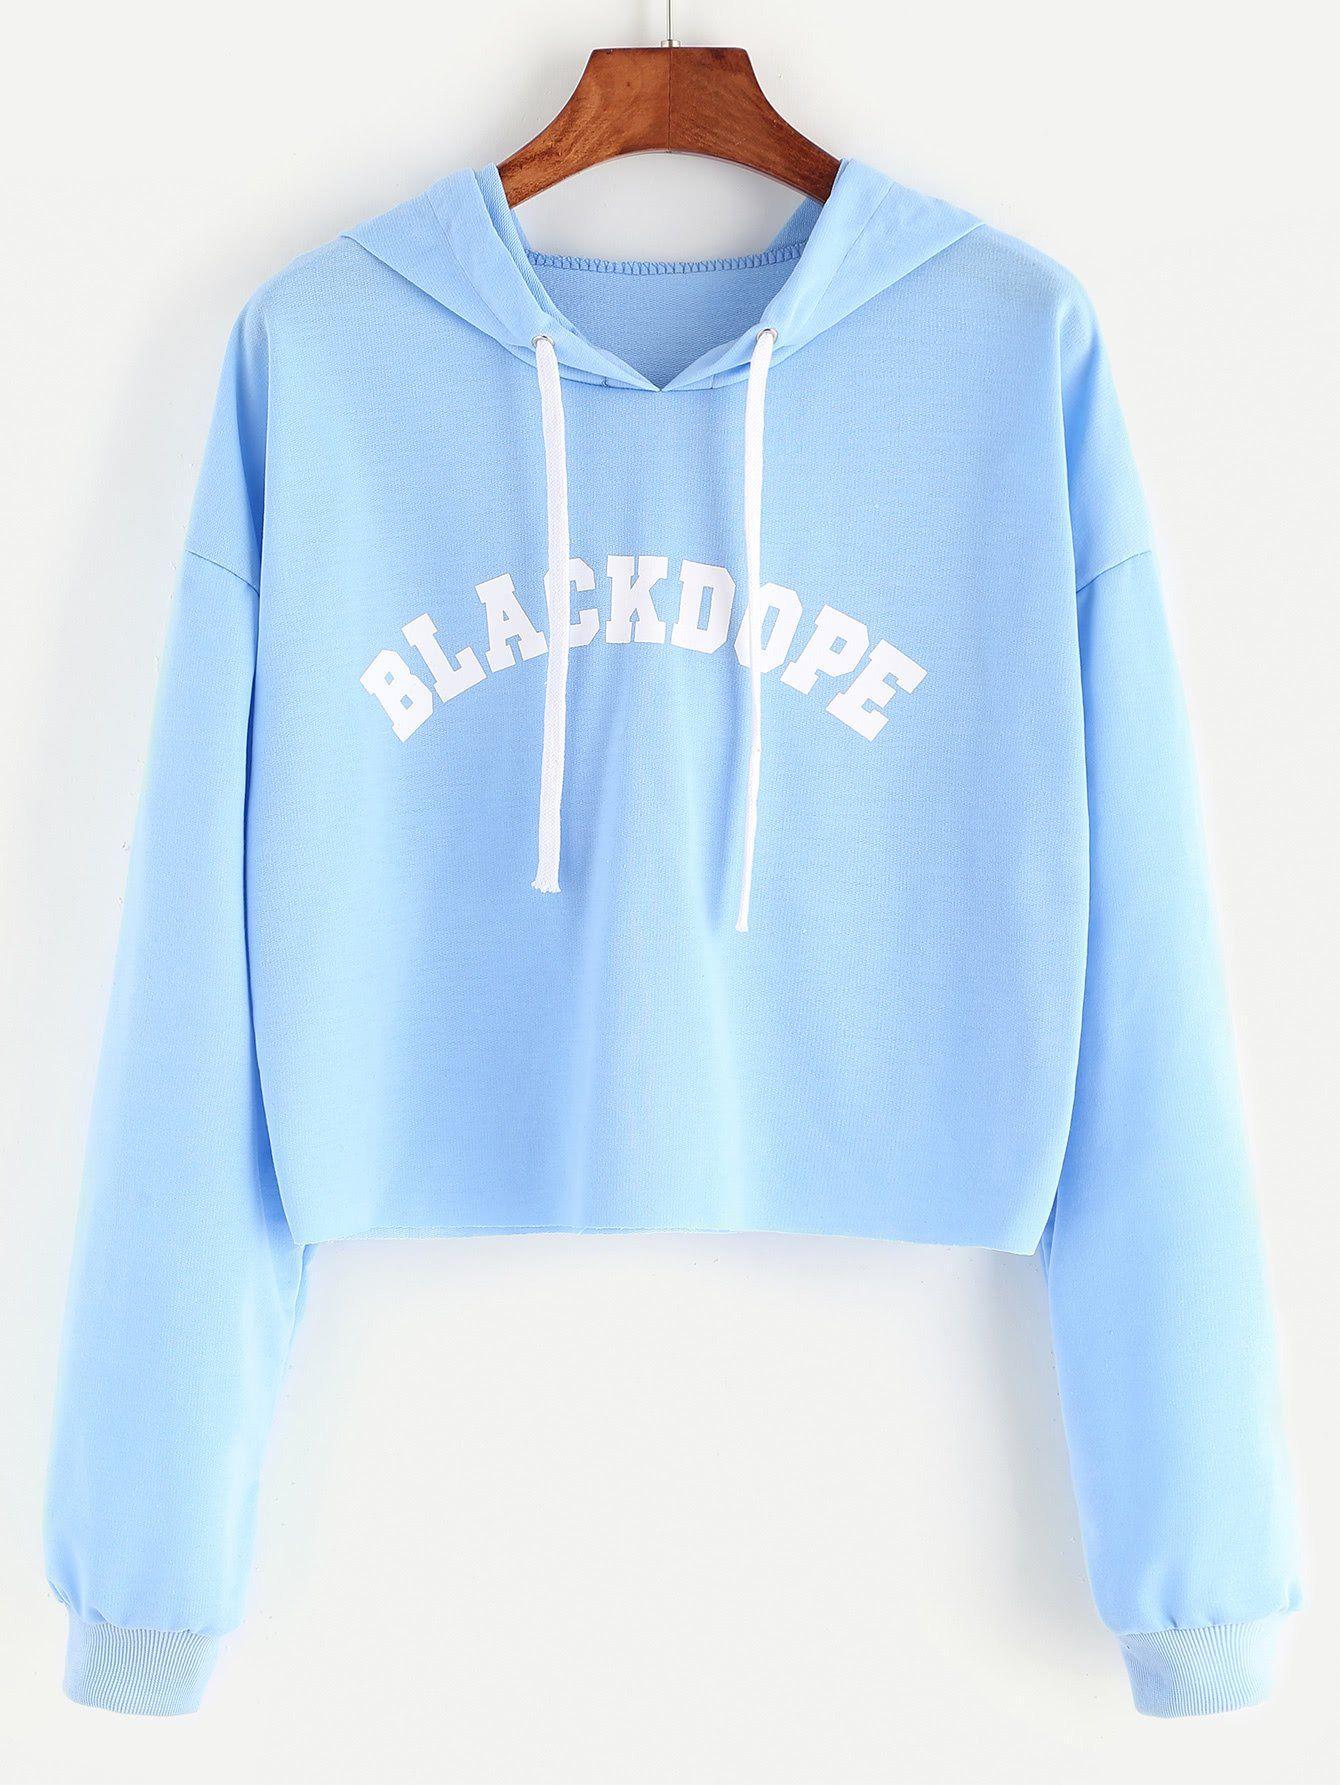 7a59c176743 Black dope pullover hoodie crop sweatshirt